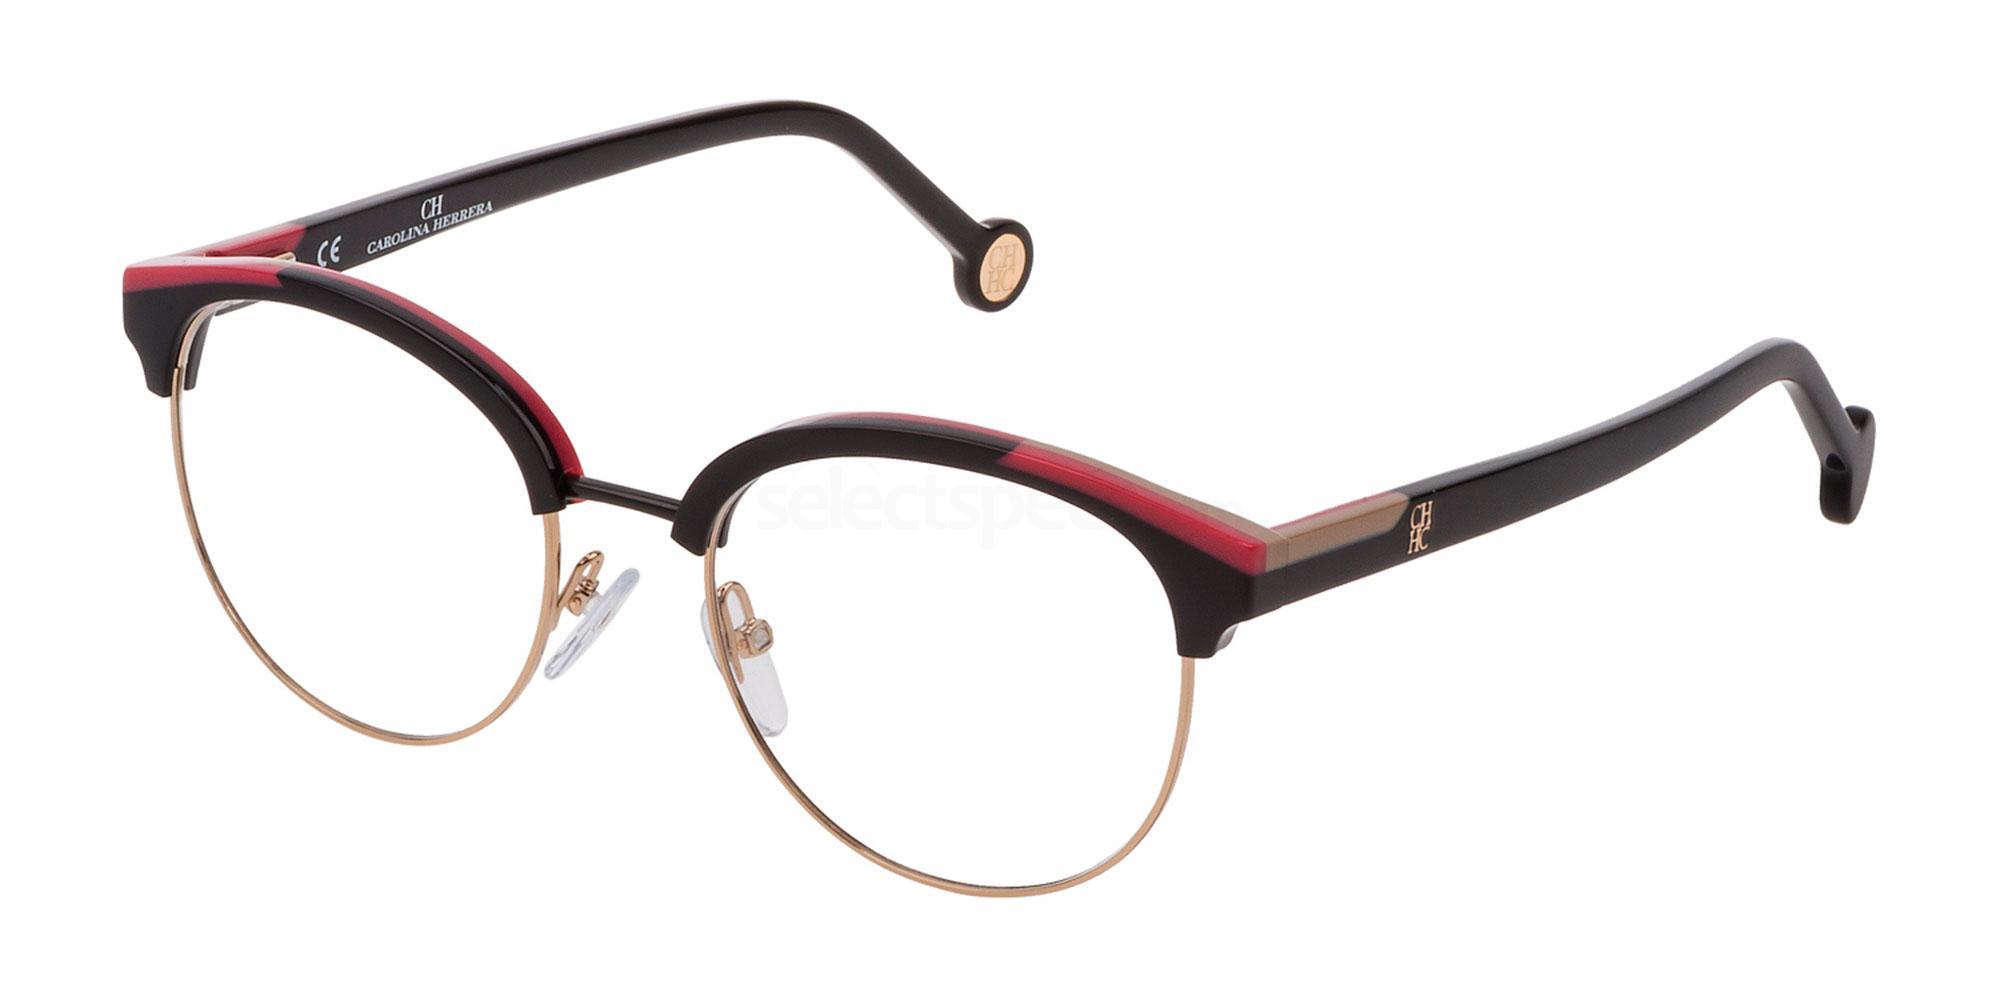 0301 VHE139L Glasses, CH Carolina Herrera